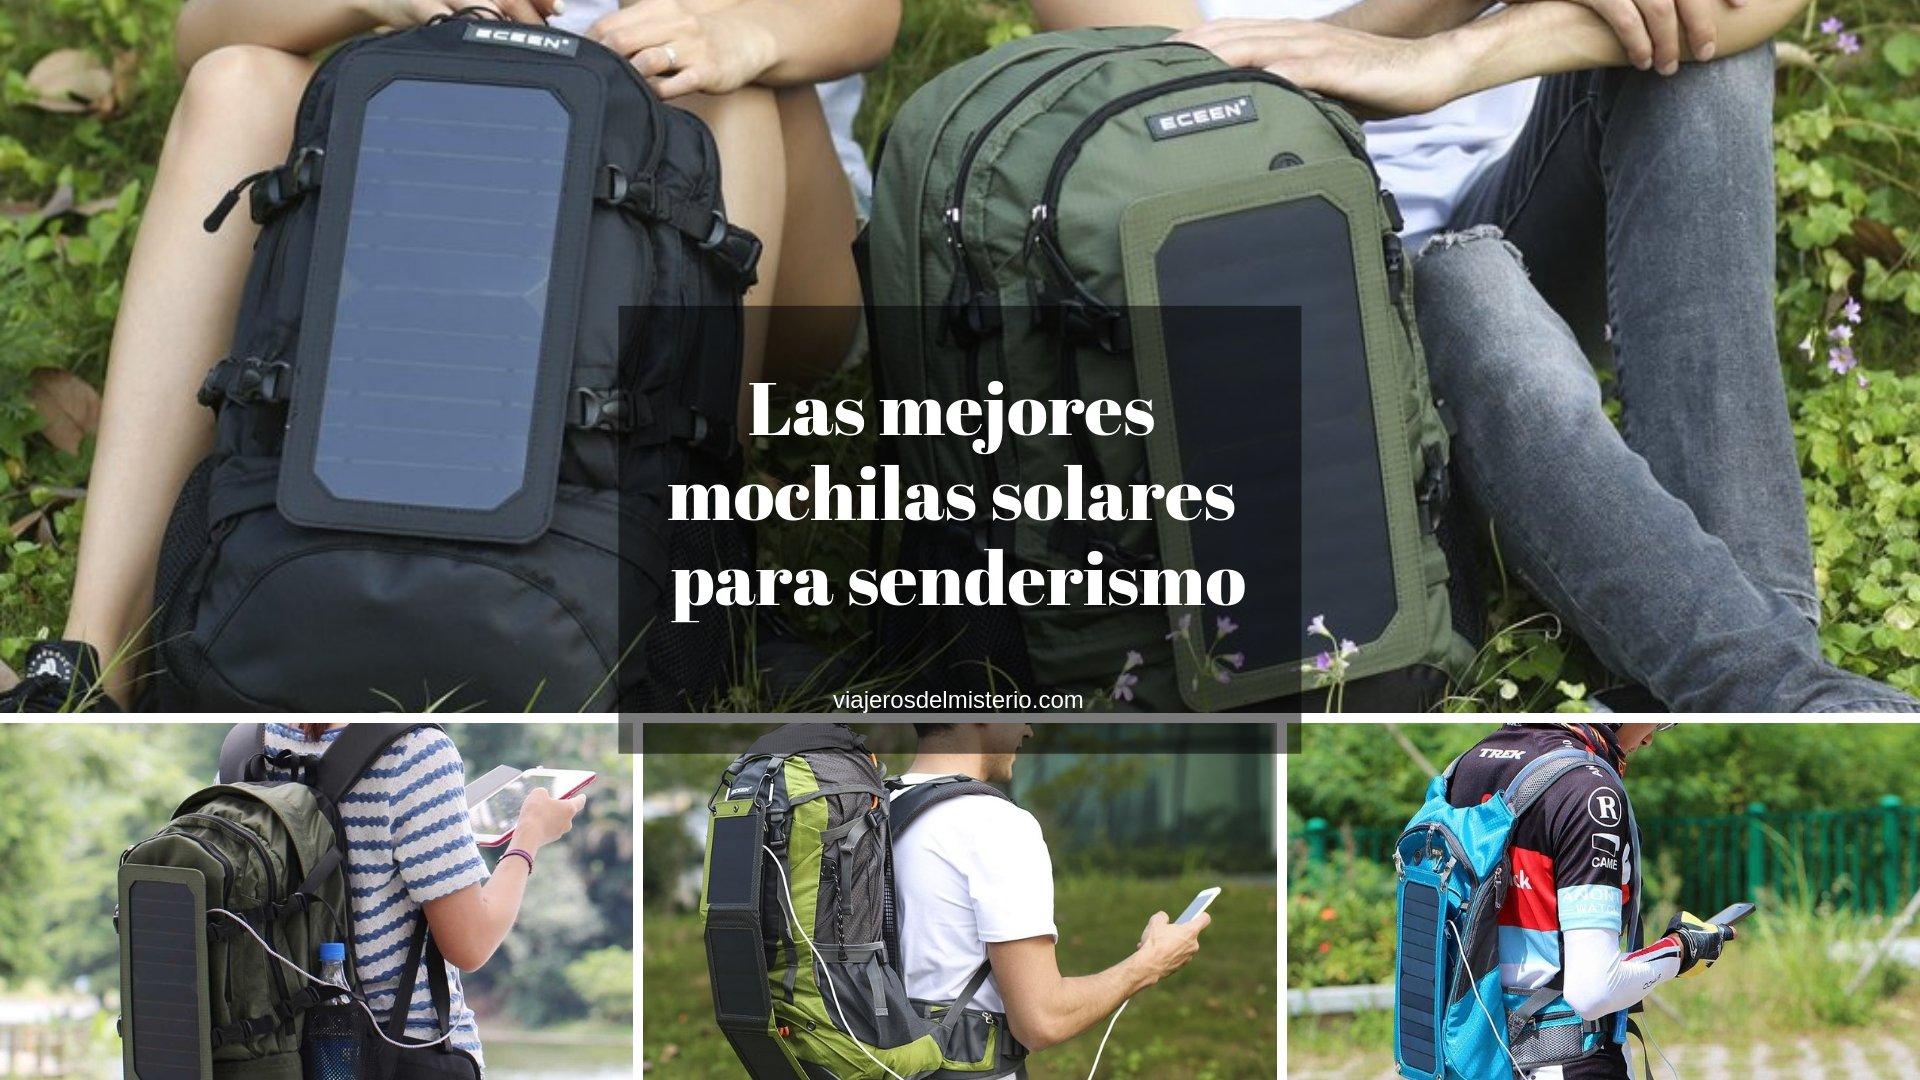 Las mejores mochilas solares para senderismo